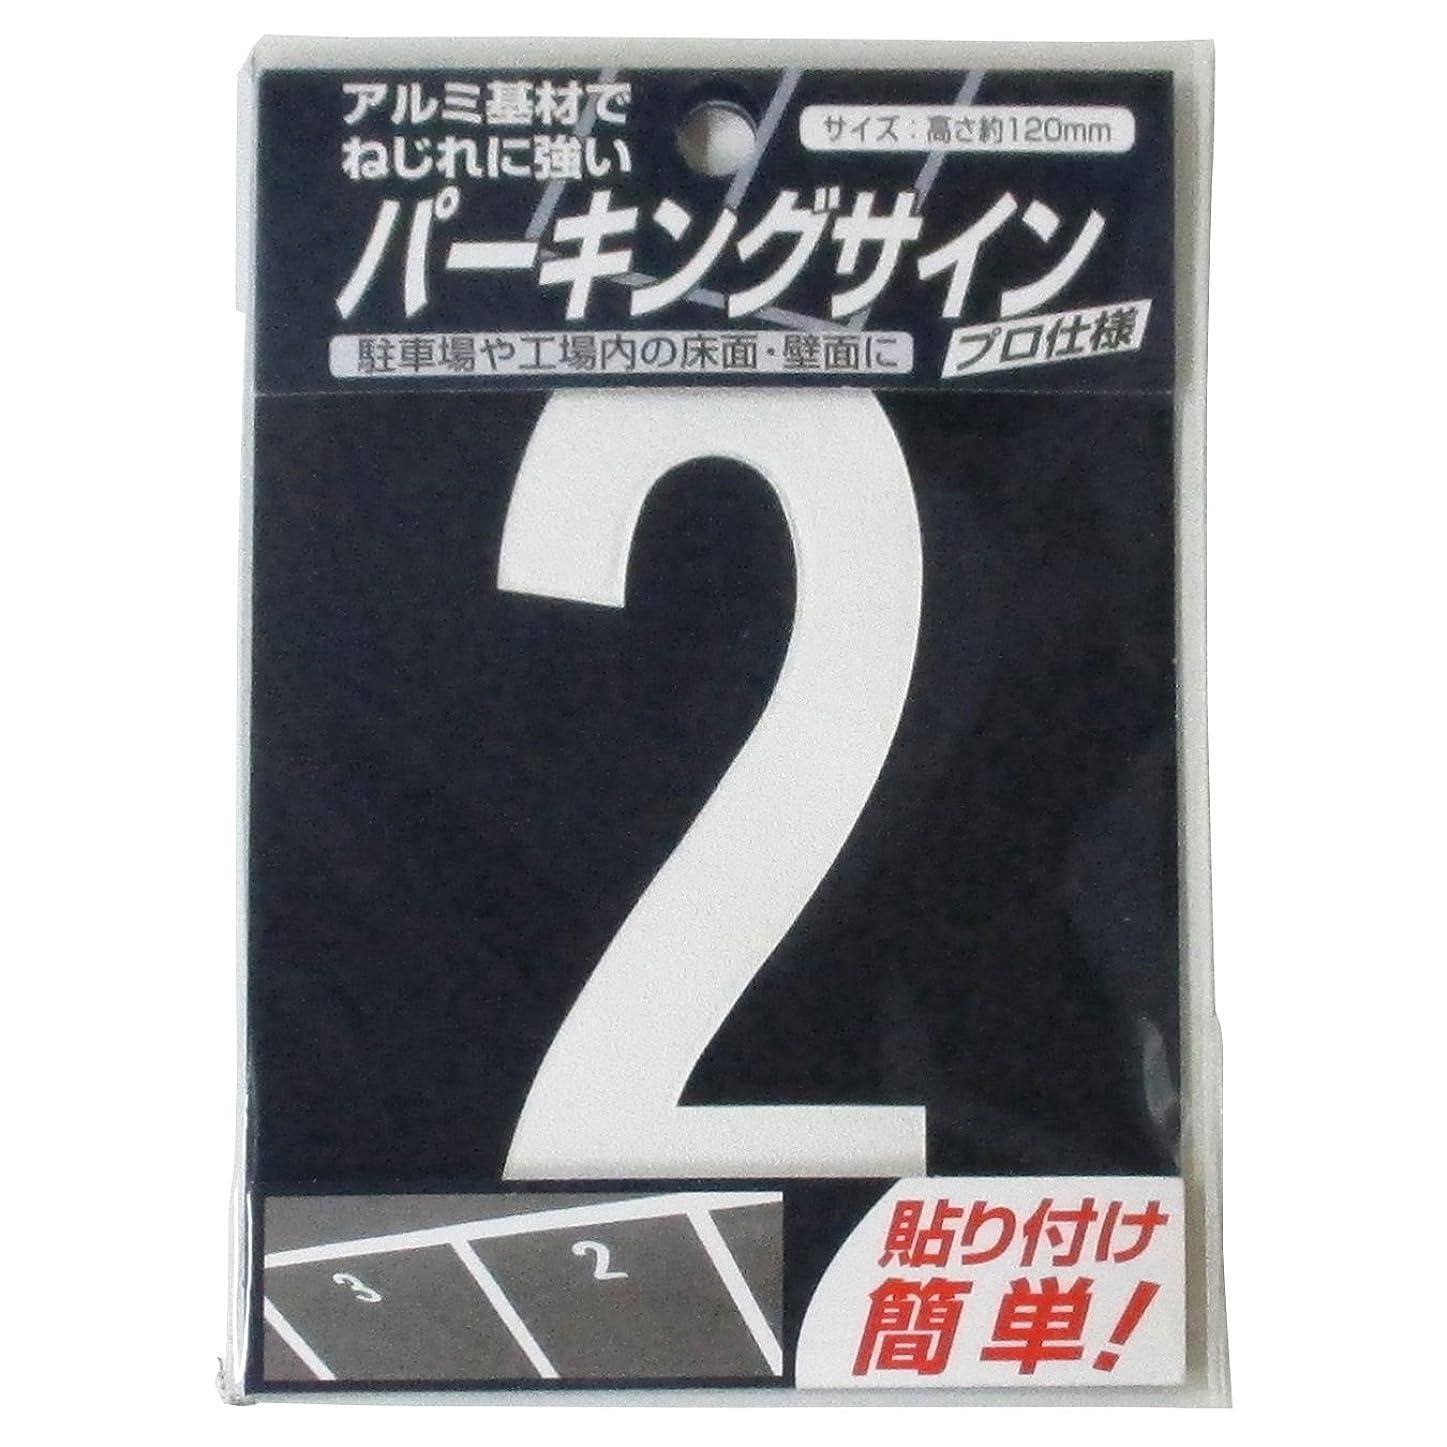 納屋トランザクション寸法ニッペ パーキングサイン ナンバー (小) 白 2